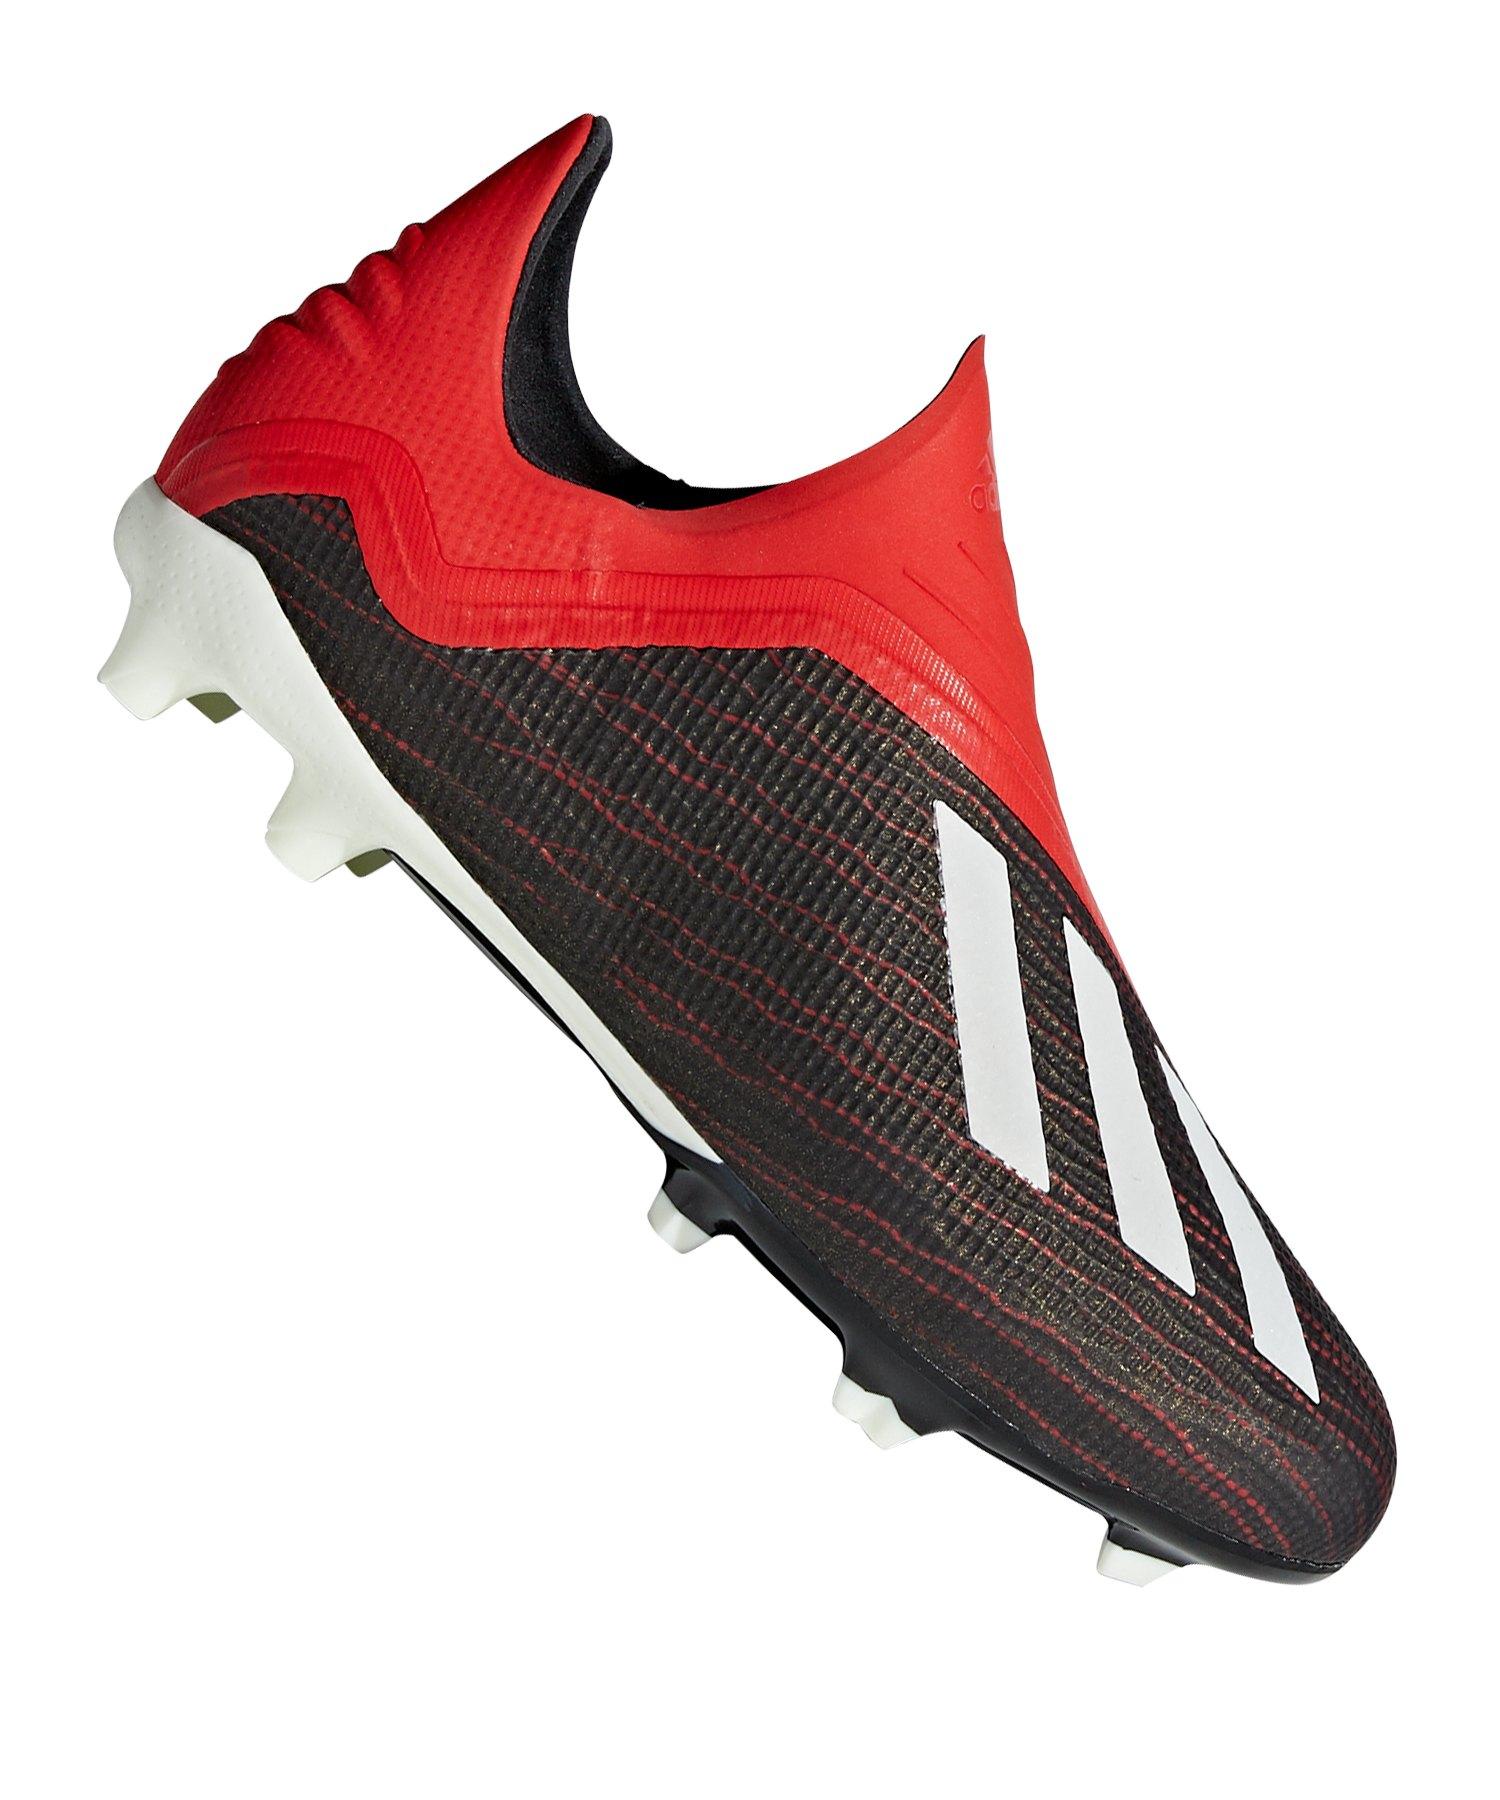 adidas X 18+ FG J Kids Schwarz Rot - schwarz